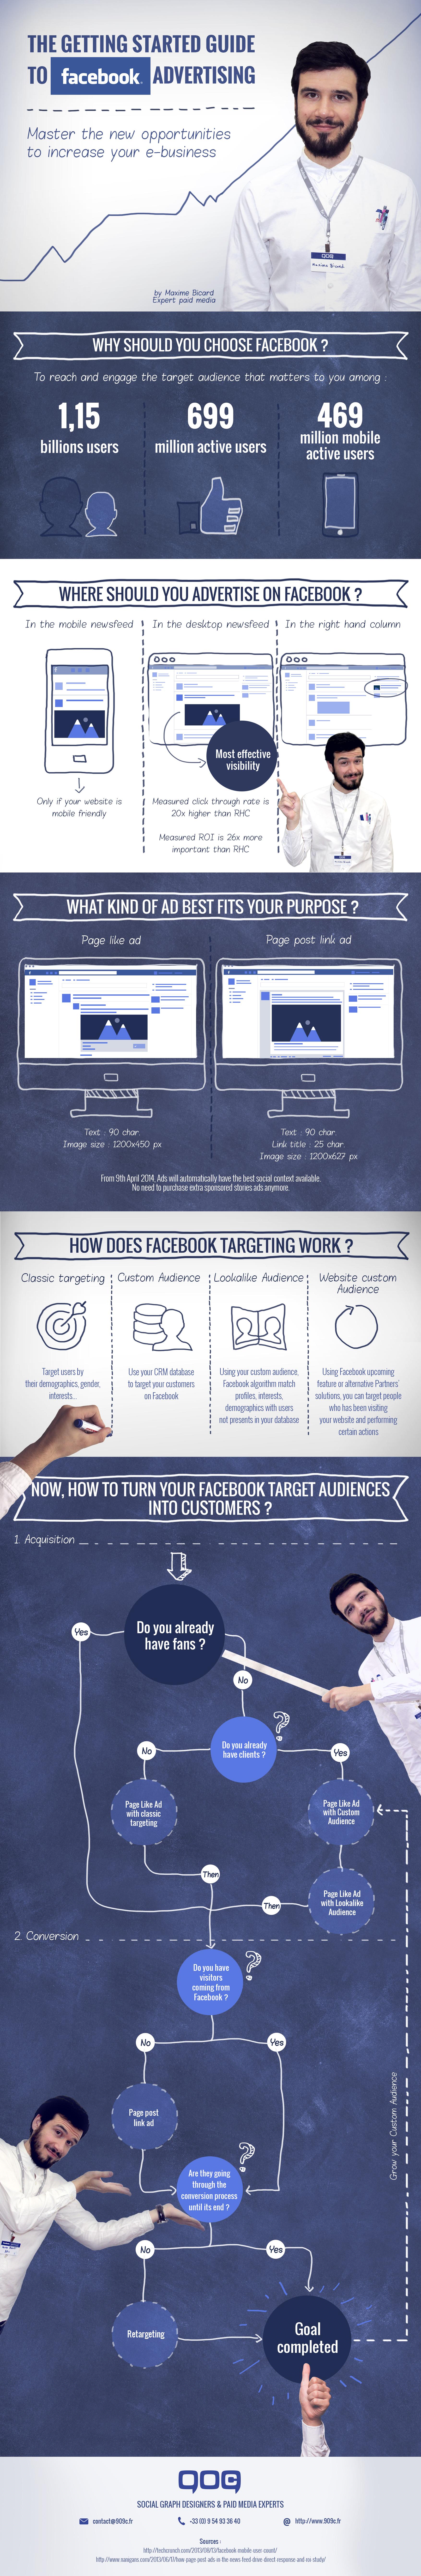 Infographic: Facebook Advertising Guide for Beginner